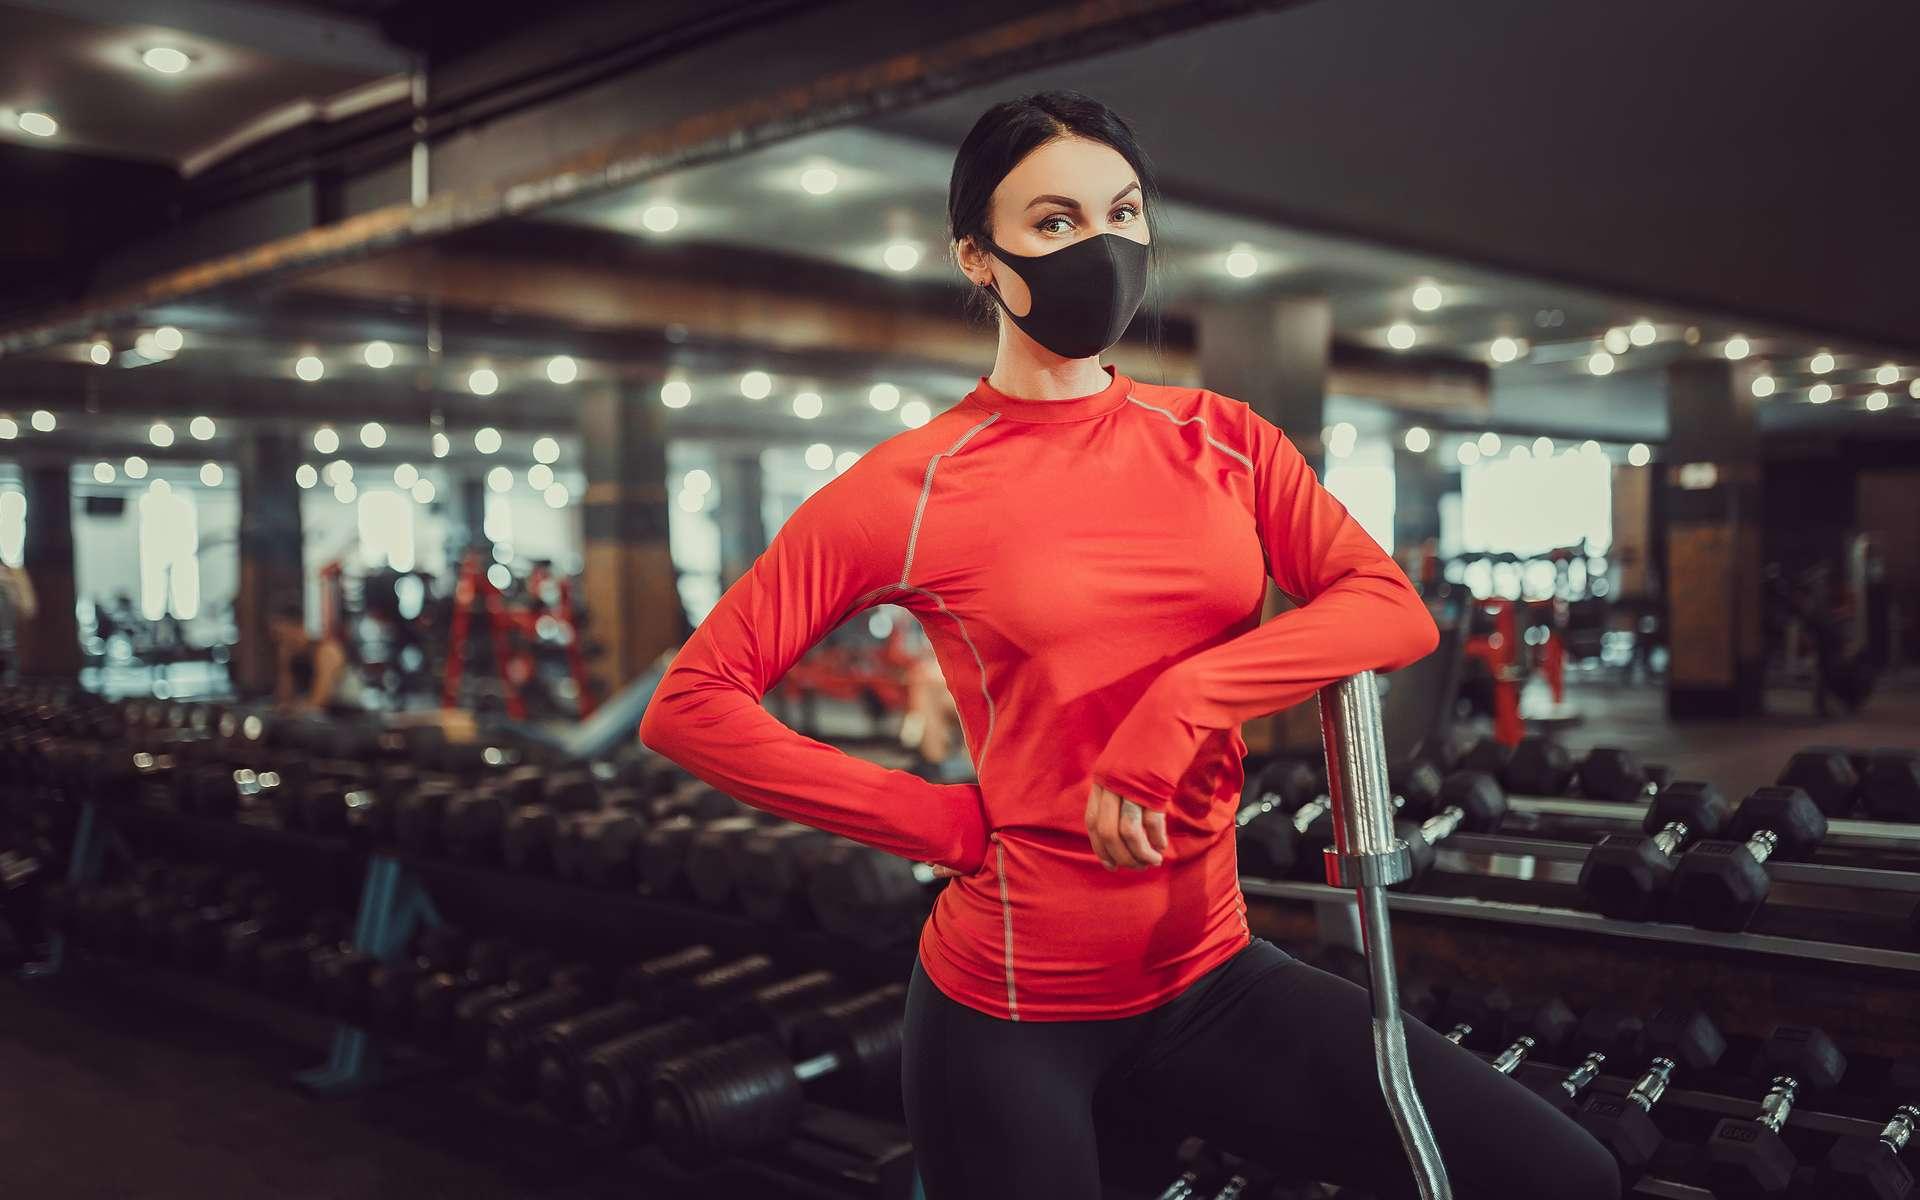 Le port du masque impacte certains paramètres liés à la performance. © Zamuruev, Adobe Stock